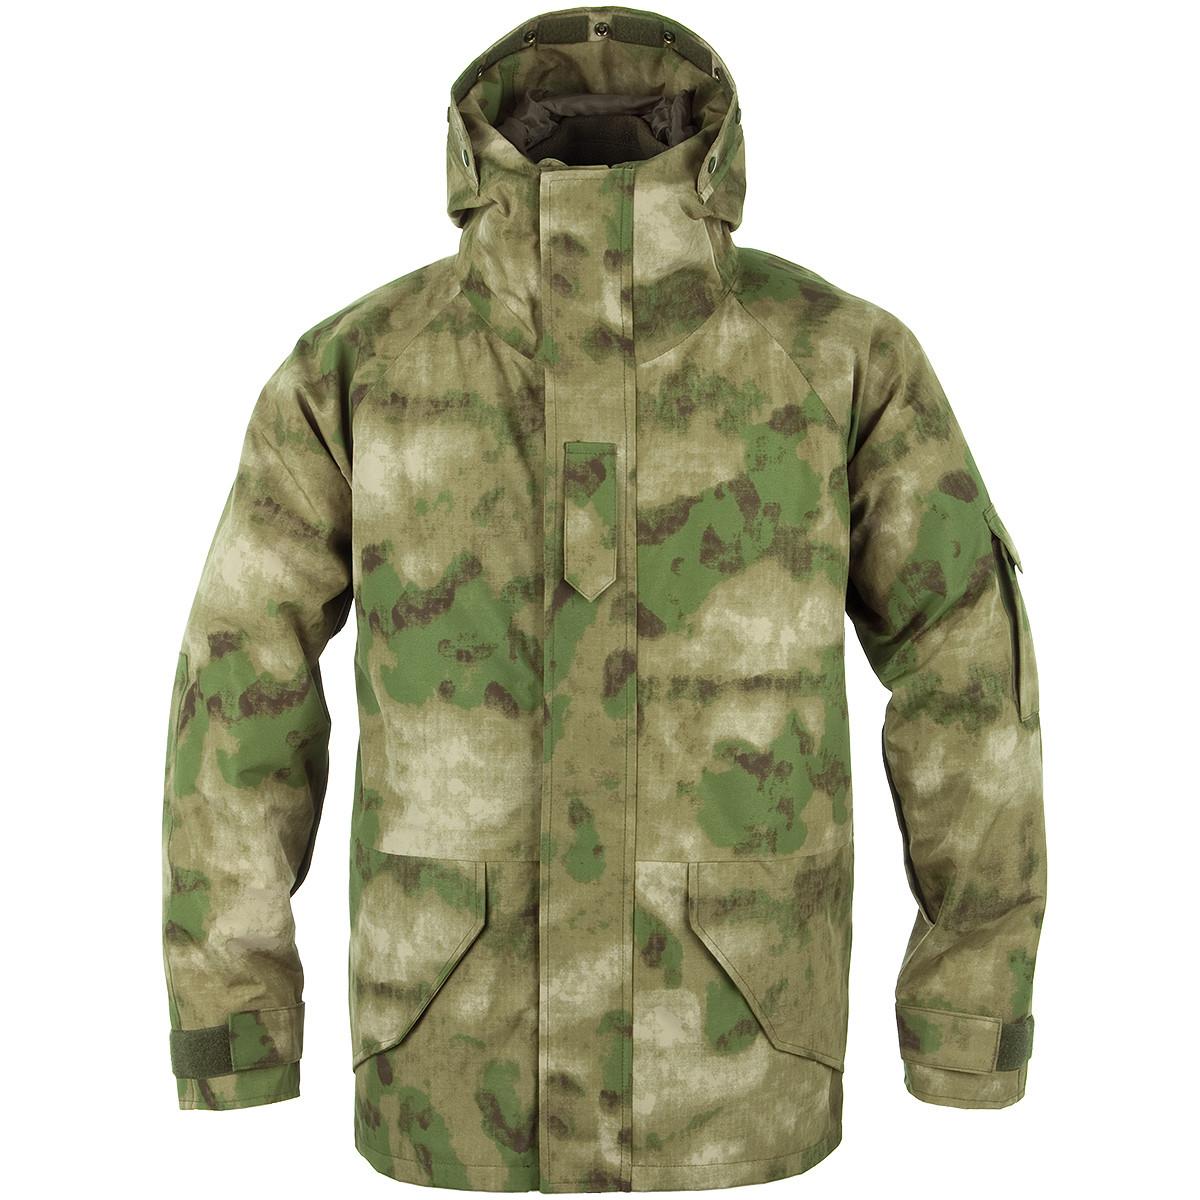 Чоловіча куртка непромокаємий з флісовою підстібкою A-TACS FG Mil-Tec